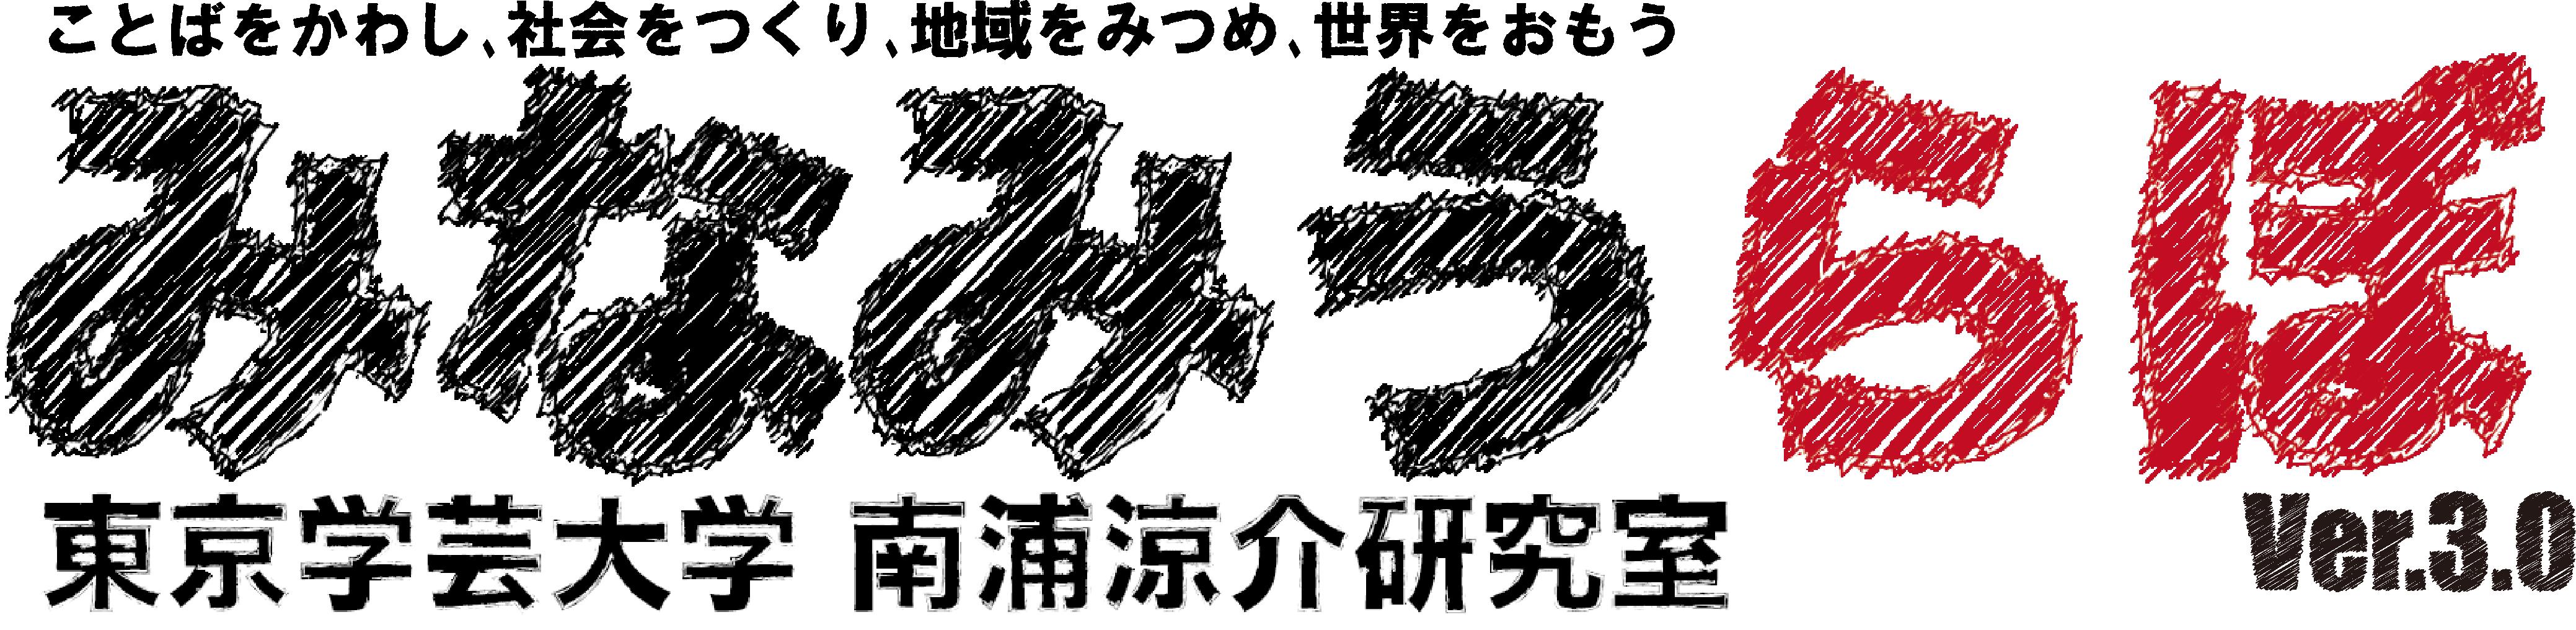 みなみうらぼ|東京学芸大学南浦涼介研究室